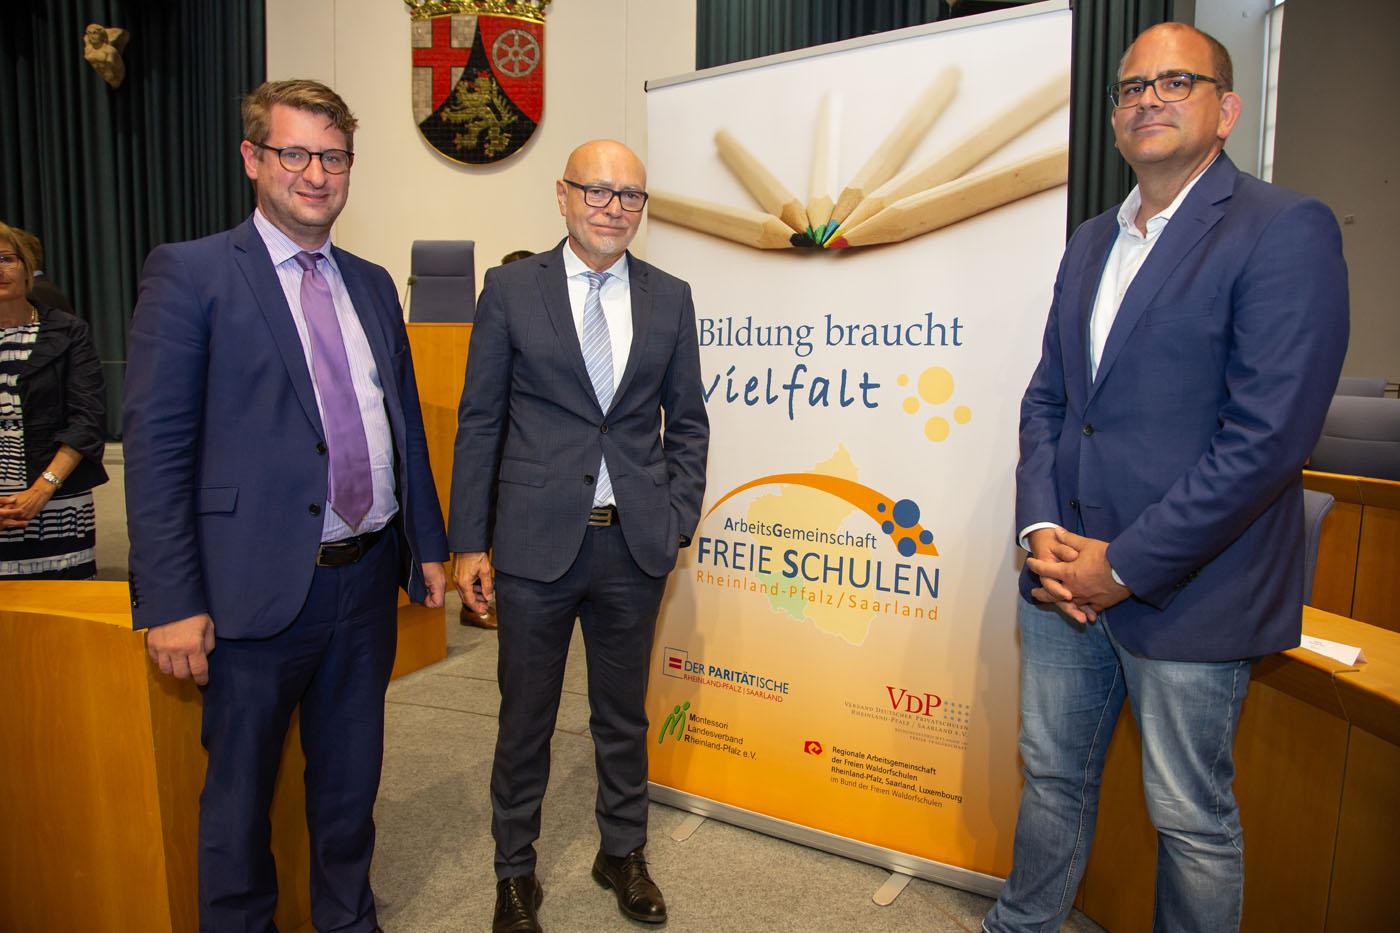 Prof. Dr. Dr. Di Fabio mit Vertretern der Veranstaltungsförderer GLS-Bank, Rolf-Ansgar Müller (re.) und Frankfurt School, Prof. Jörg Werner (li.)